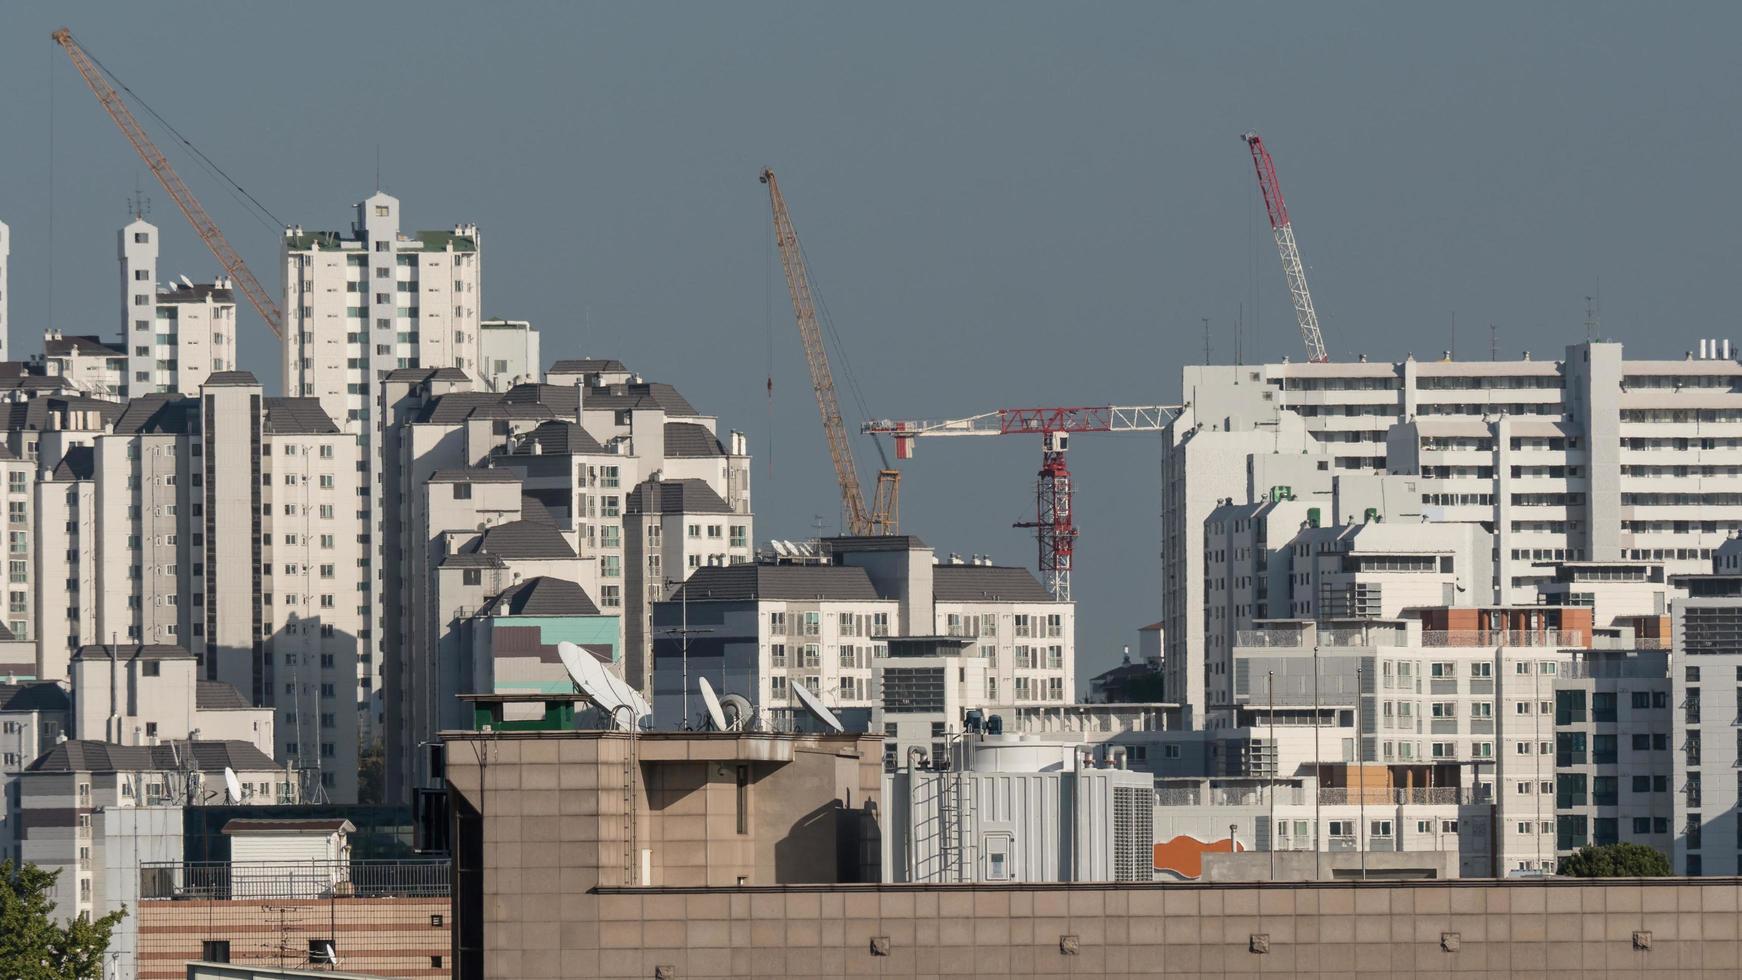 hoogbouwappartementen met kranen foto